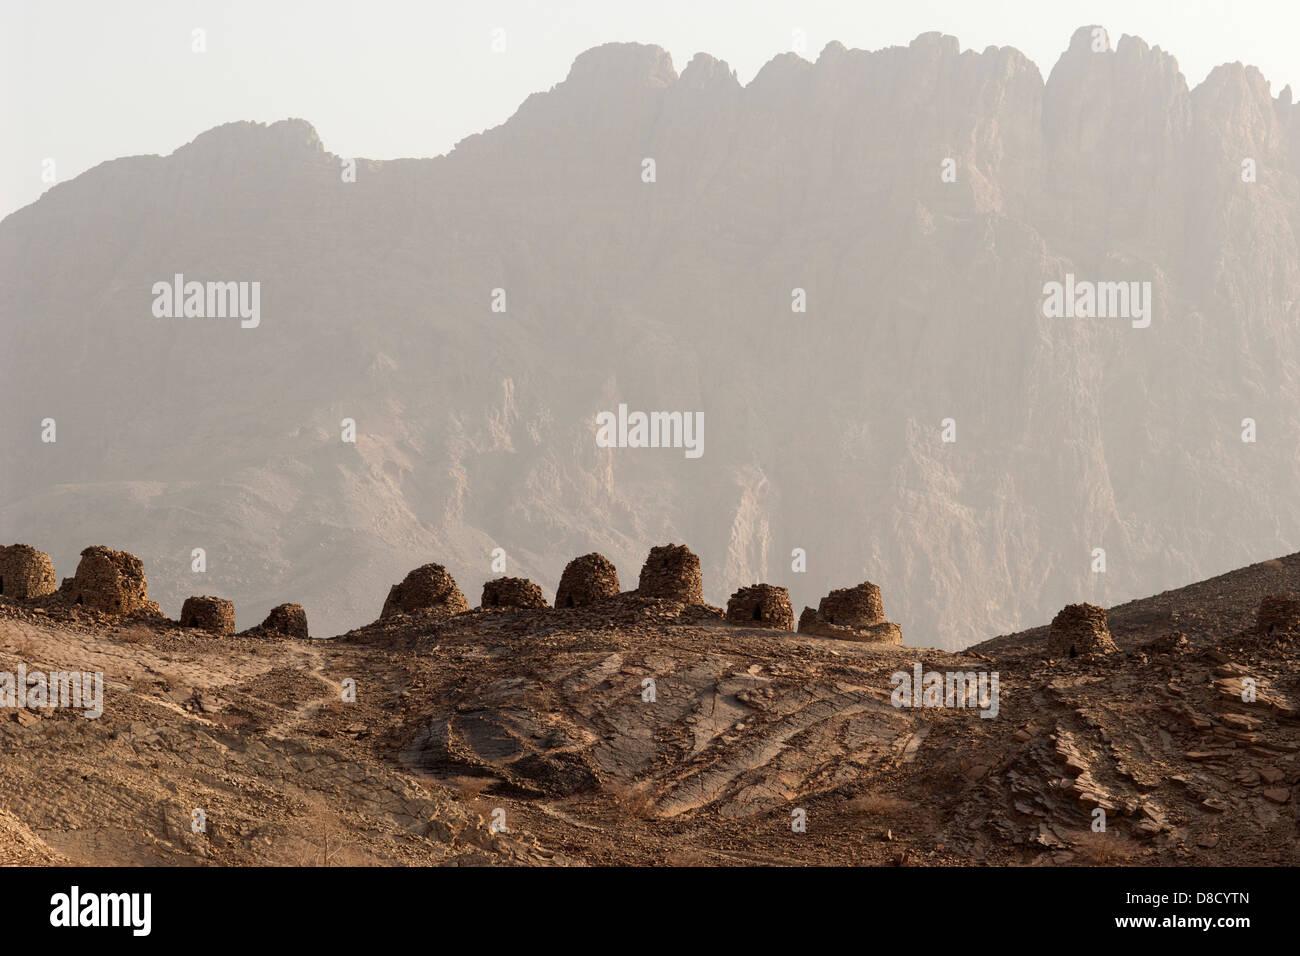 Beehive tombs at Al Ayn, Oman - Stock Image